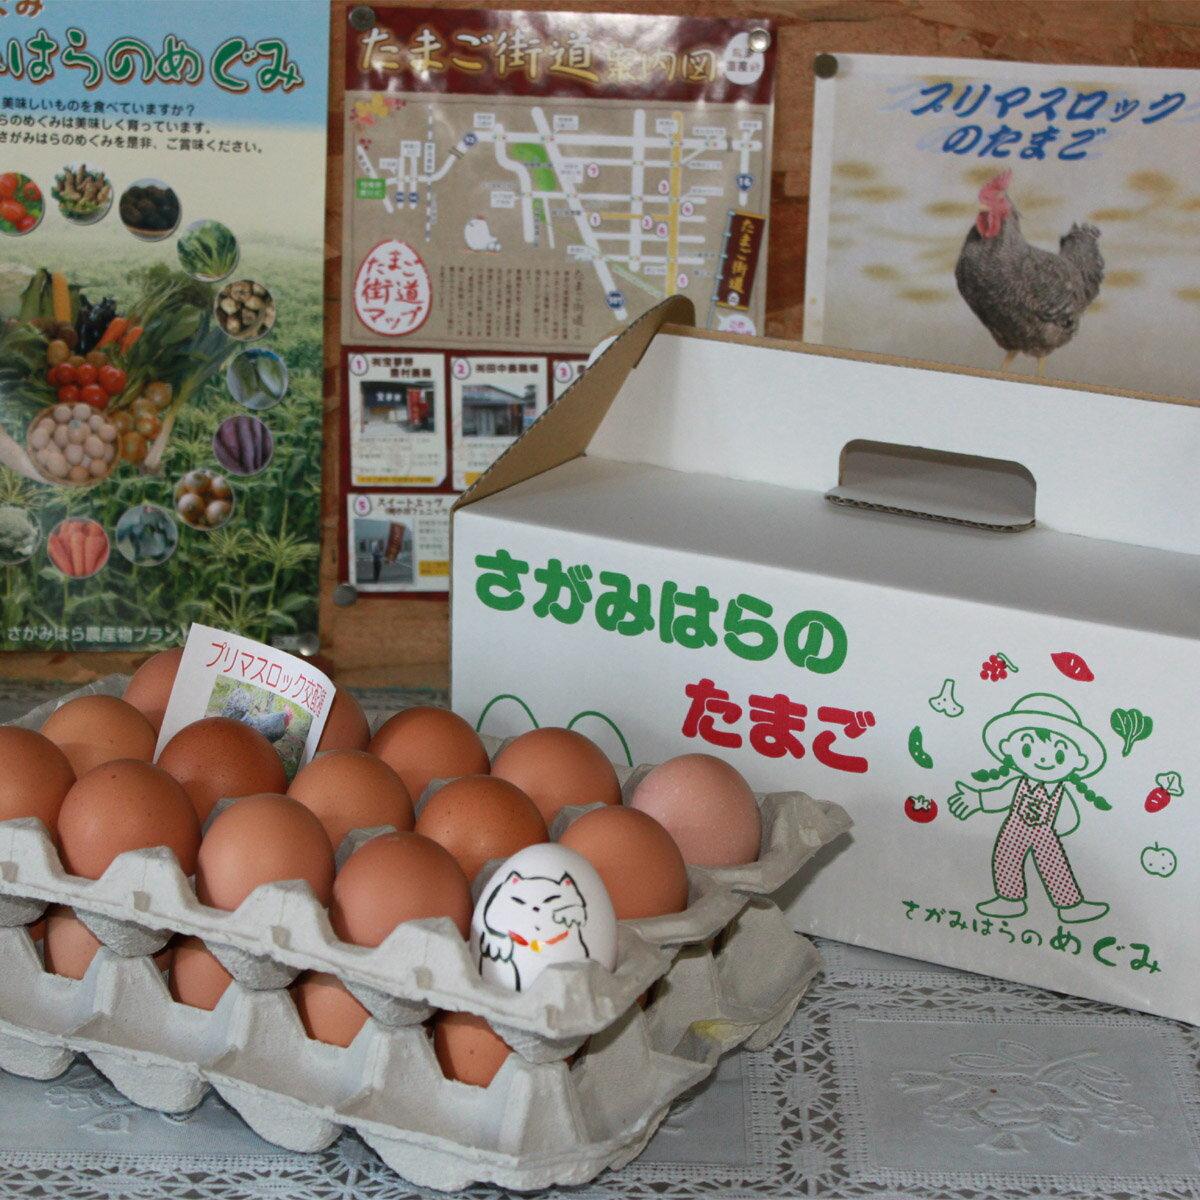 【ふるさと納税】鶏卵 プリマスロック(交配種)の卵 化粧箱入り30個